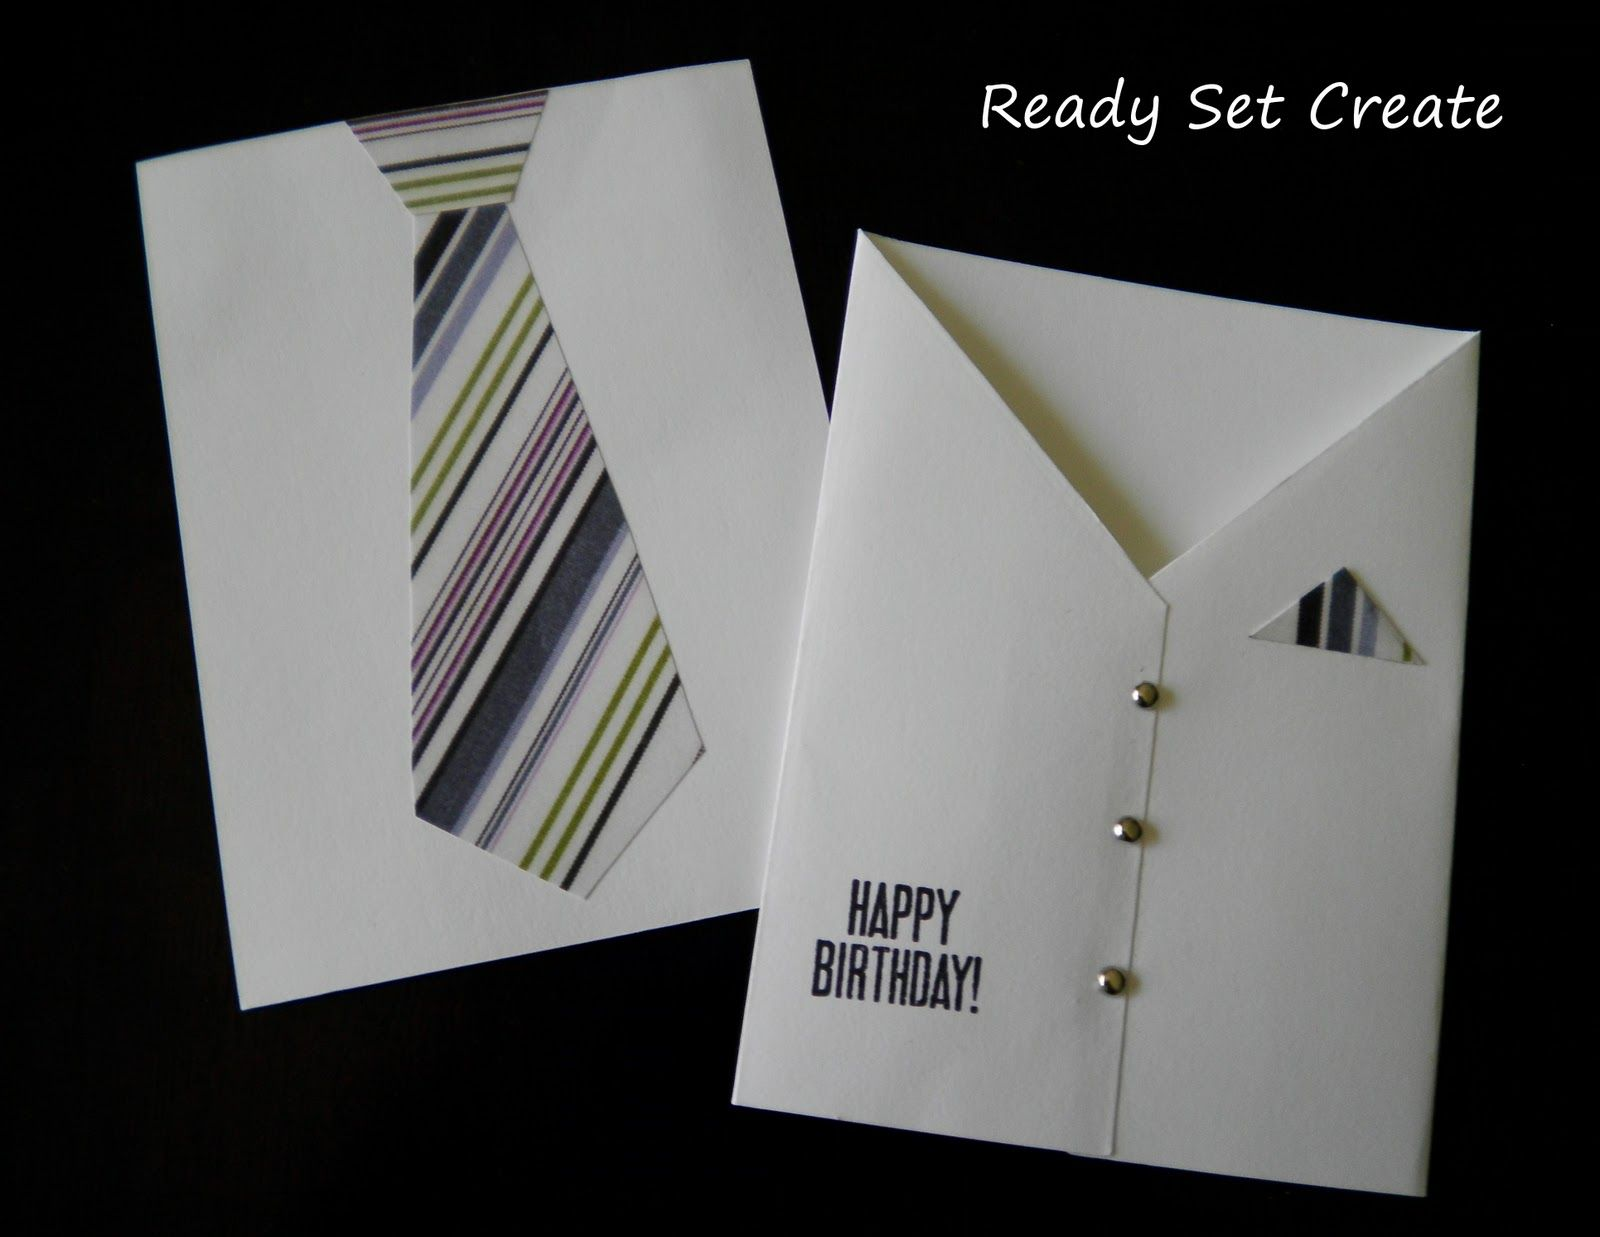 handmade fall birthday cards – Homemade Card Ideas for Birthdays